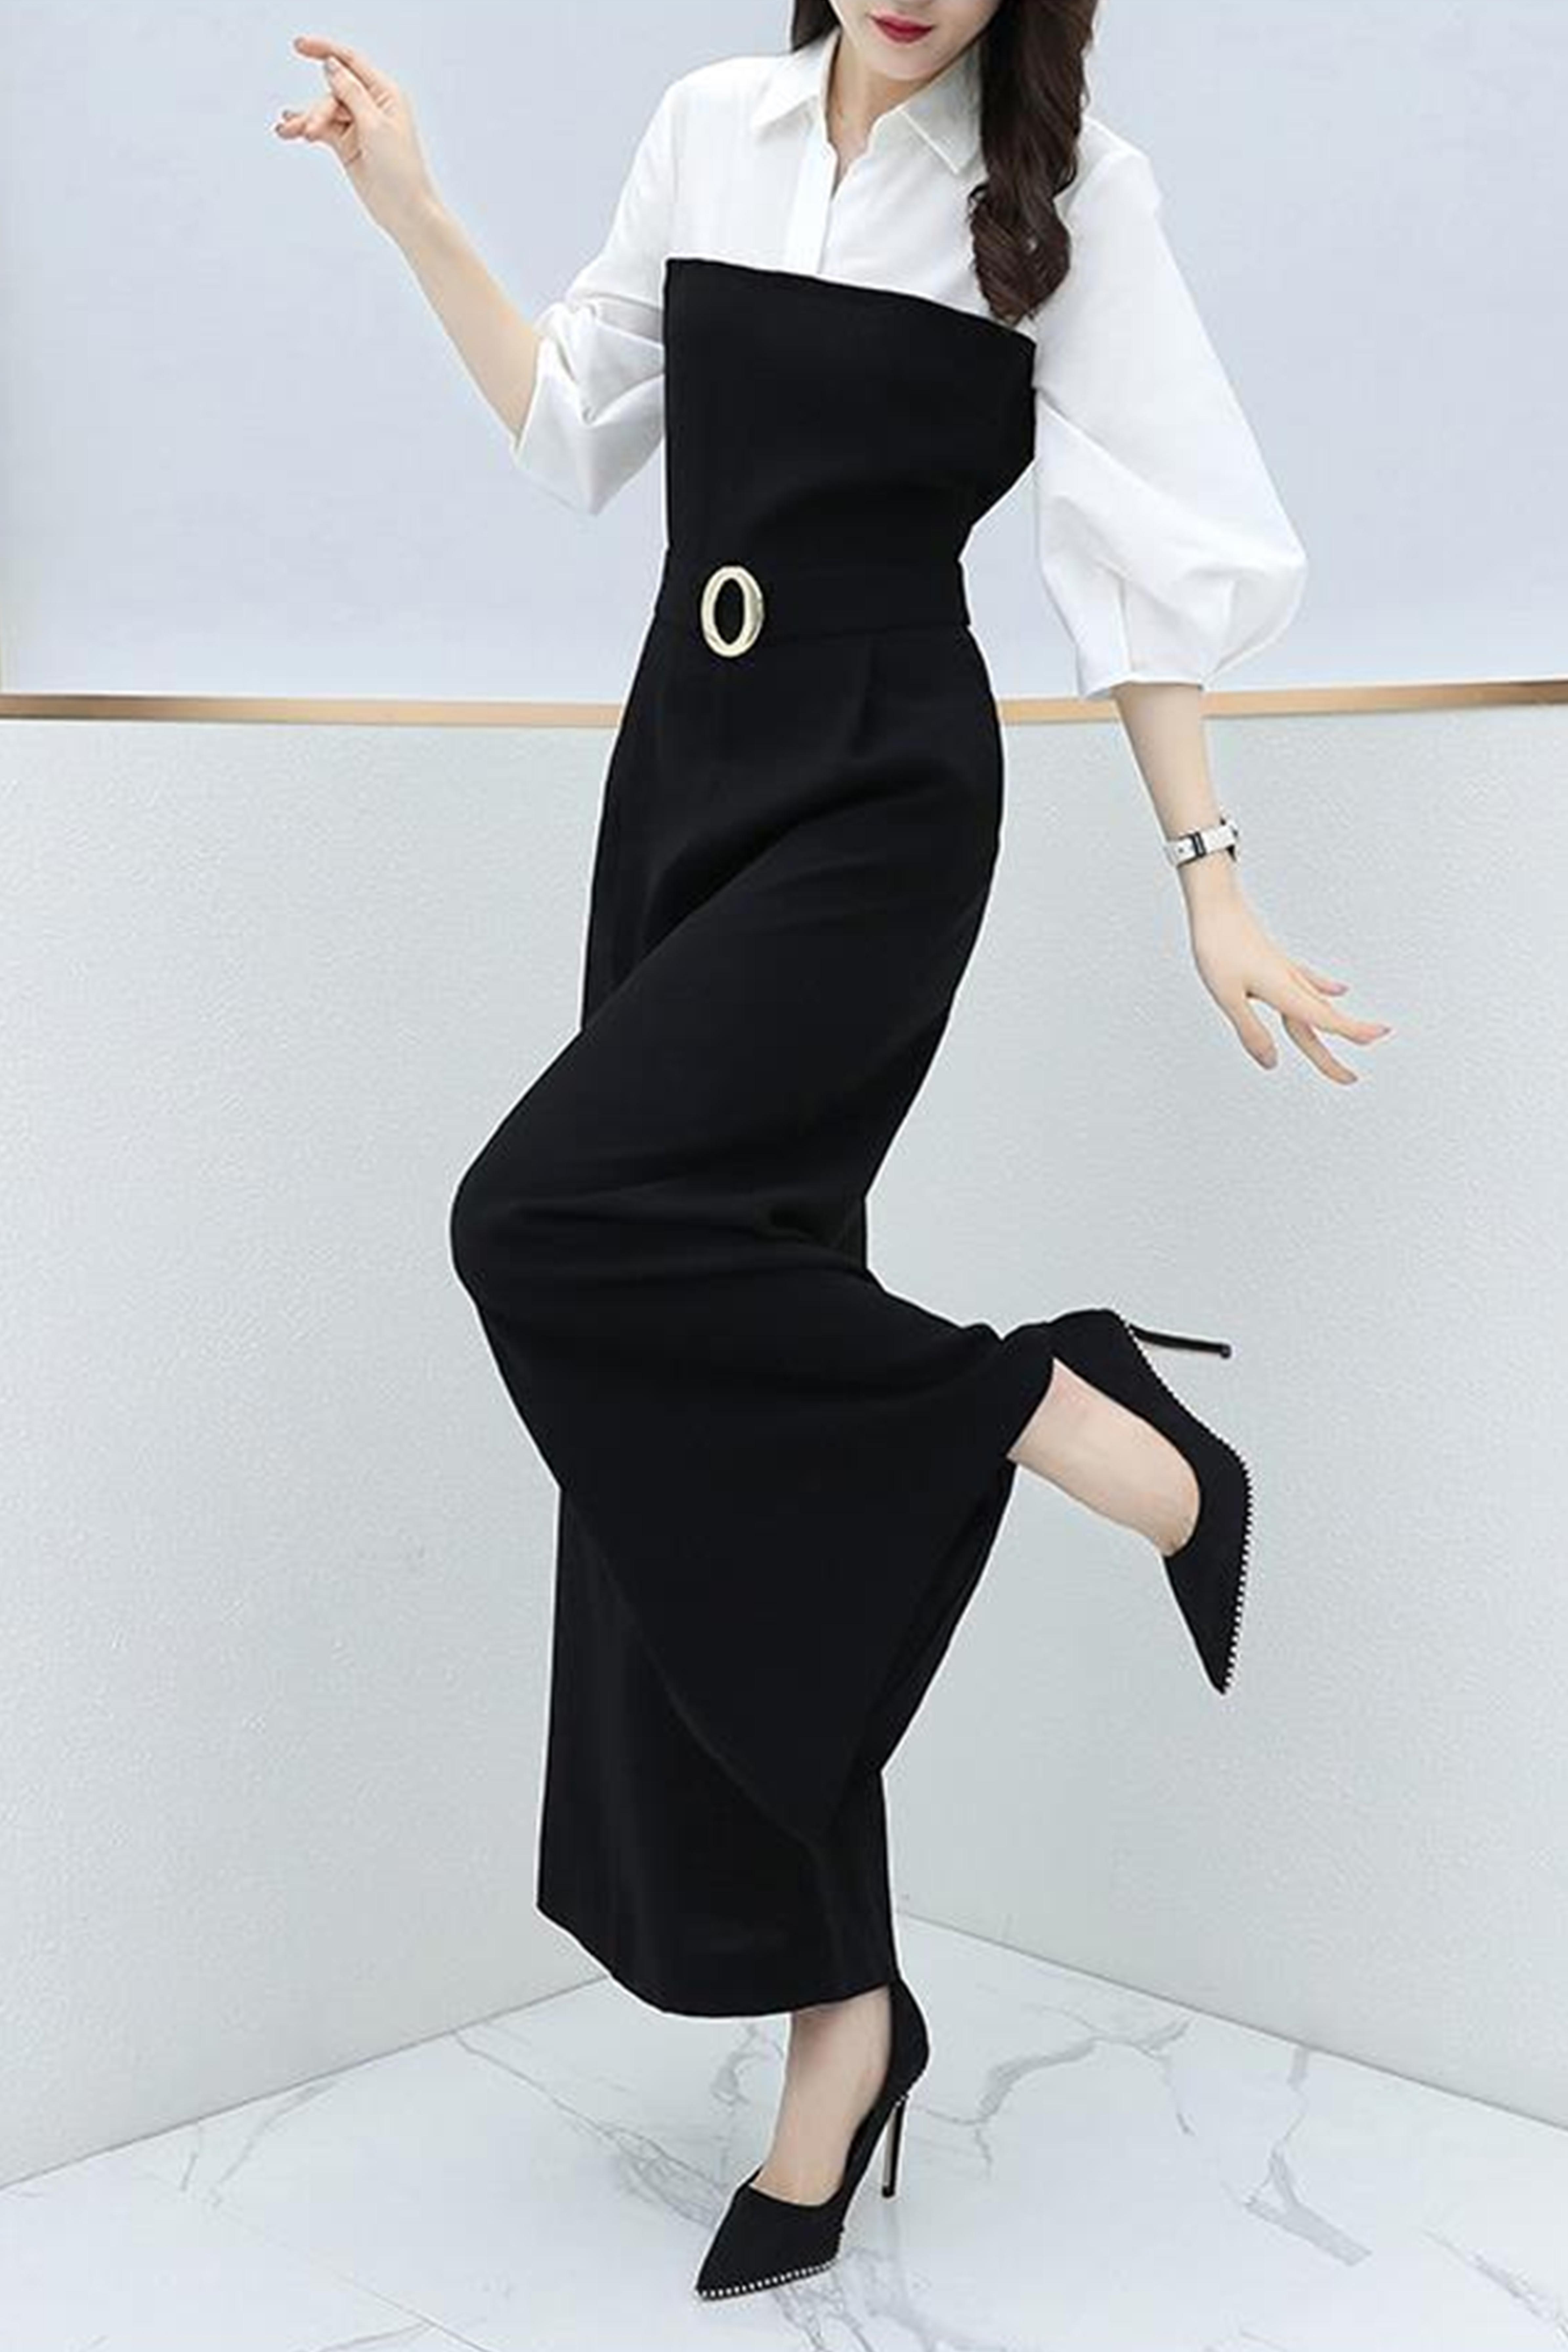 春夏季新款韩版收腰显瘦时尚气质连体裤女休闲宽松高腰阔腿连衣裤